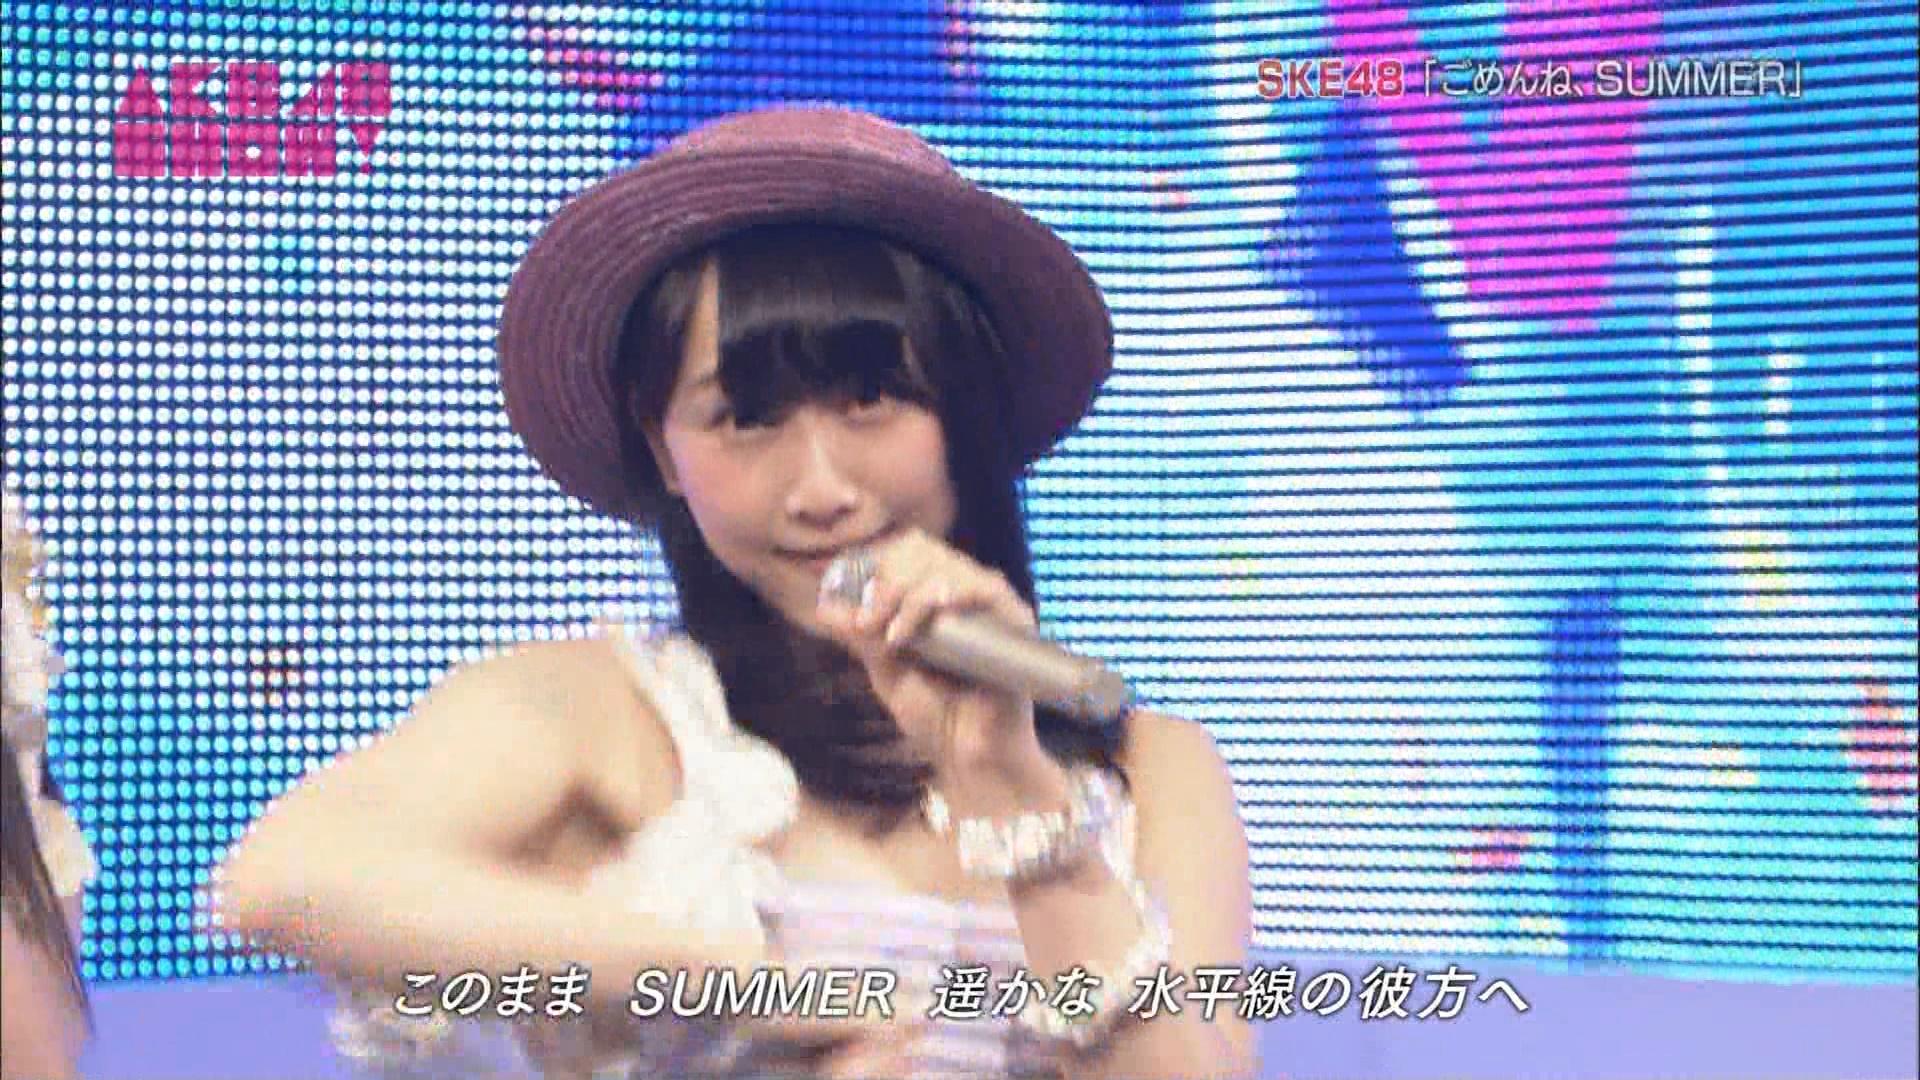 AKB48SHOW ごめんね、SUMMER 松井玲奈 20140830 (12)